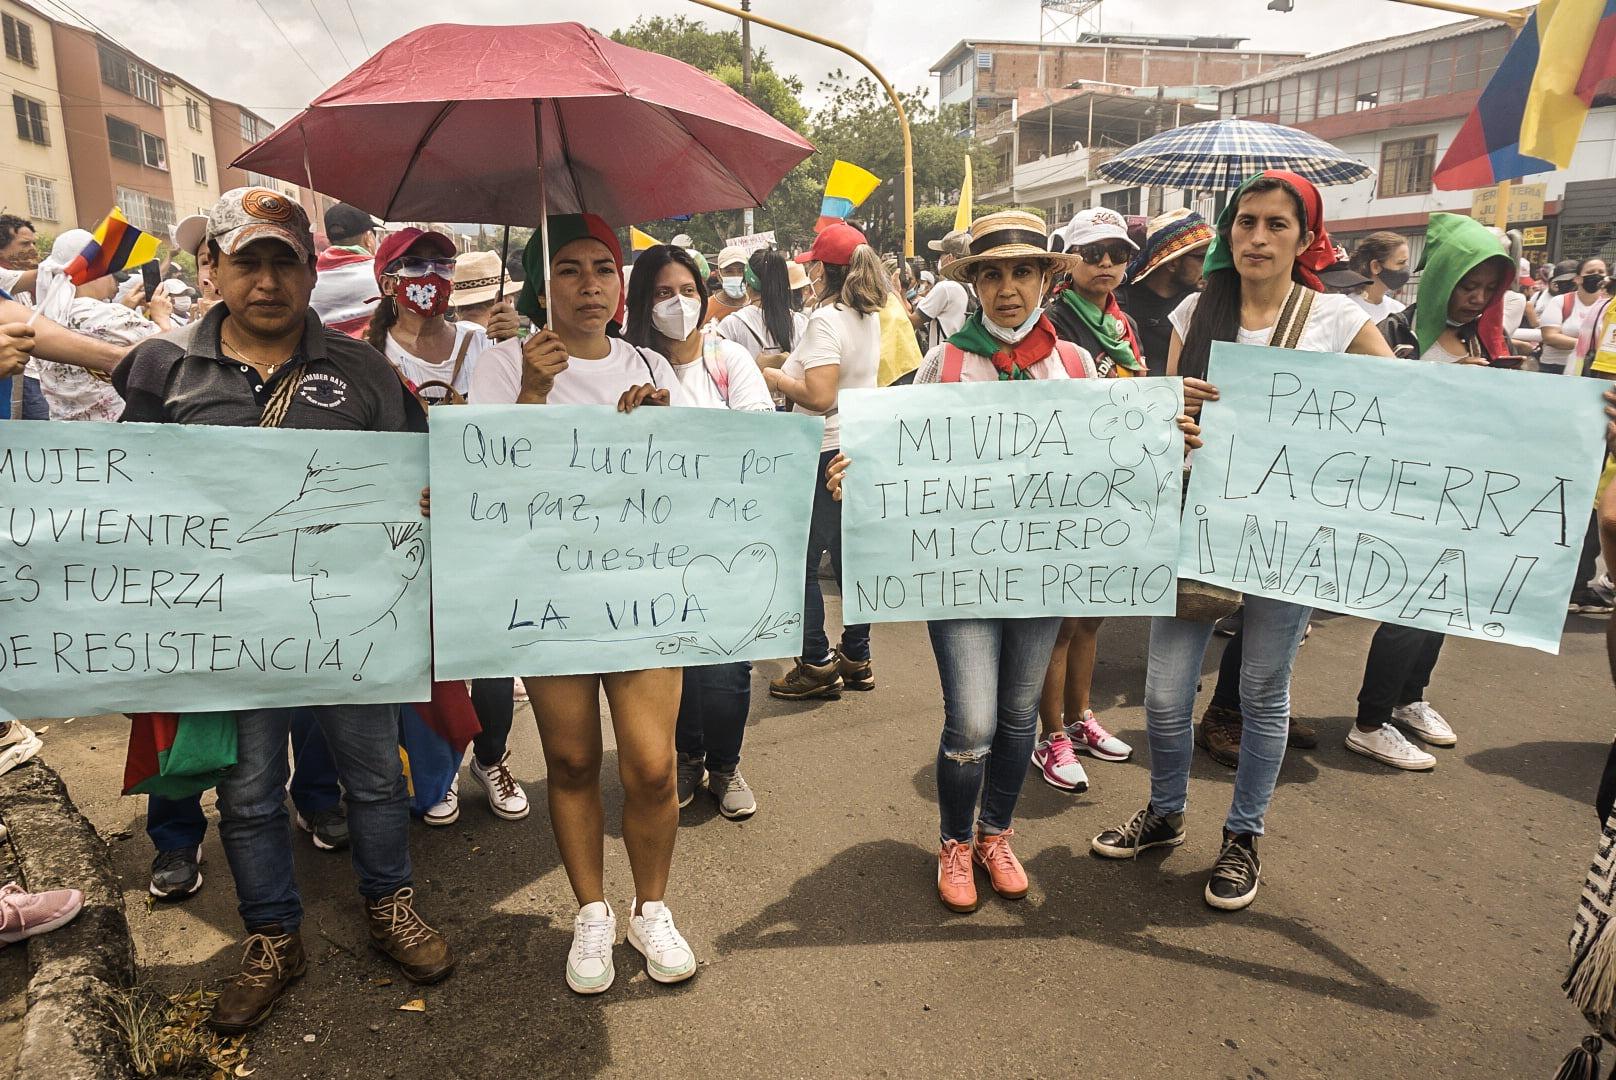 """Puede ser una imagen de 7 personas, personas caminando, personas de pie, multitud, al aire libre y texto que dice """"MUTER VIENTRE S FUERZA E RESISTENCIA Que Luchar por Lapaz,nOM Me la Pz, NO cueste LA VIDA MIVIDA PARA TIENE VALOR MICUERPO LAGUERRA NOTIENE PRECIO NADA!"""""""